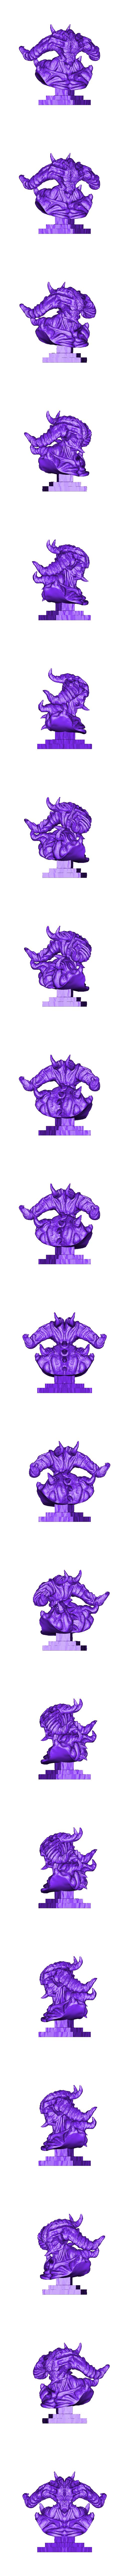 Demon Head + Base 17 CM STL.stl Télécharger fichier OBJ Modèle d'impression 3D du buste du démon • Design imprimable en 3D, belksasar3dprint